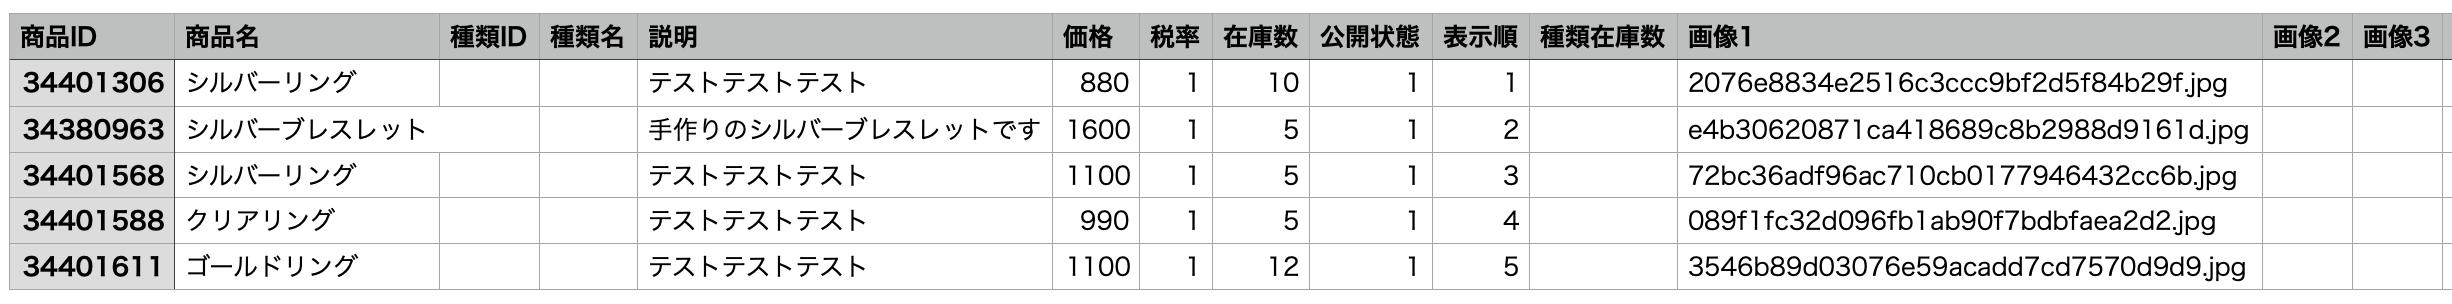 商品情報のCSVファイルの見本